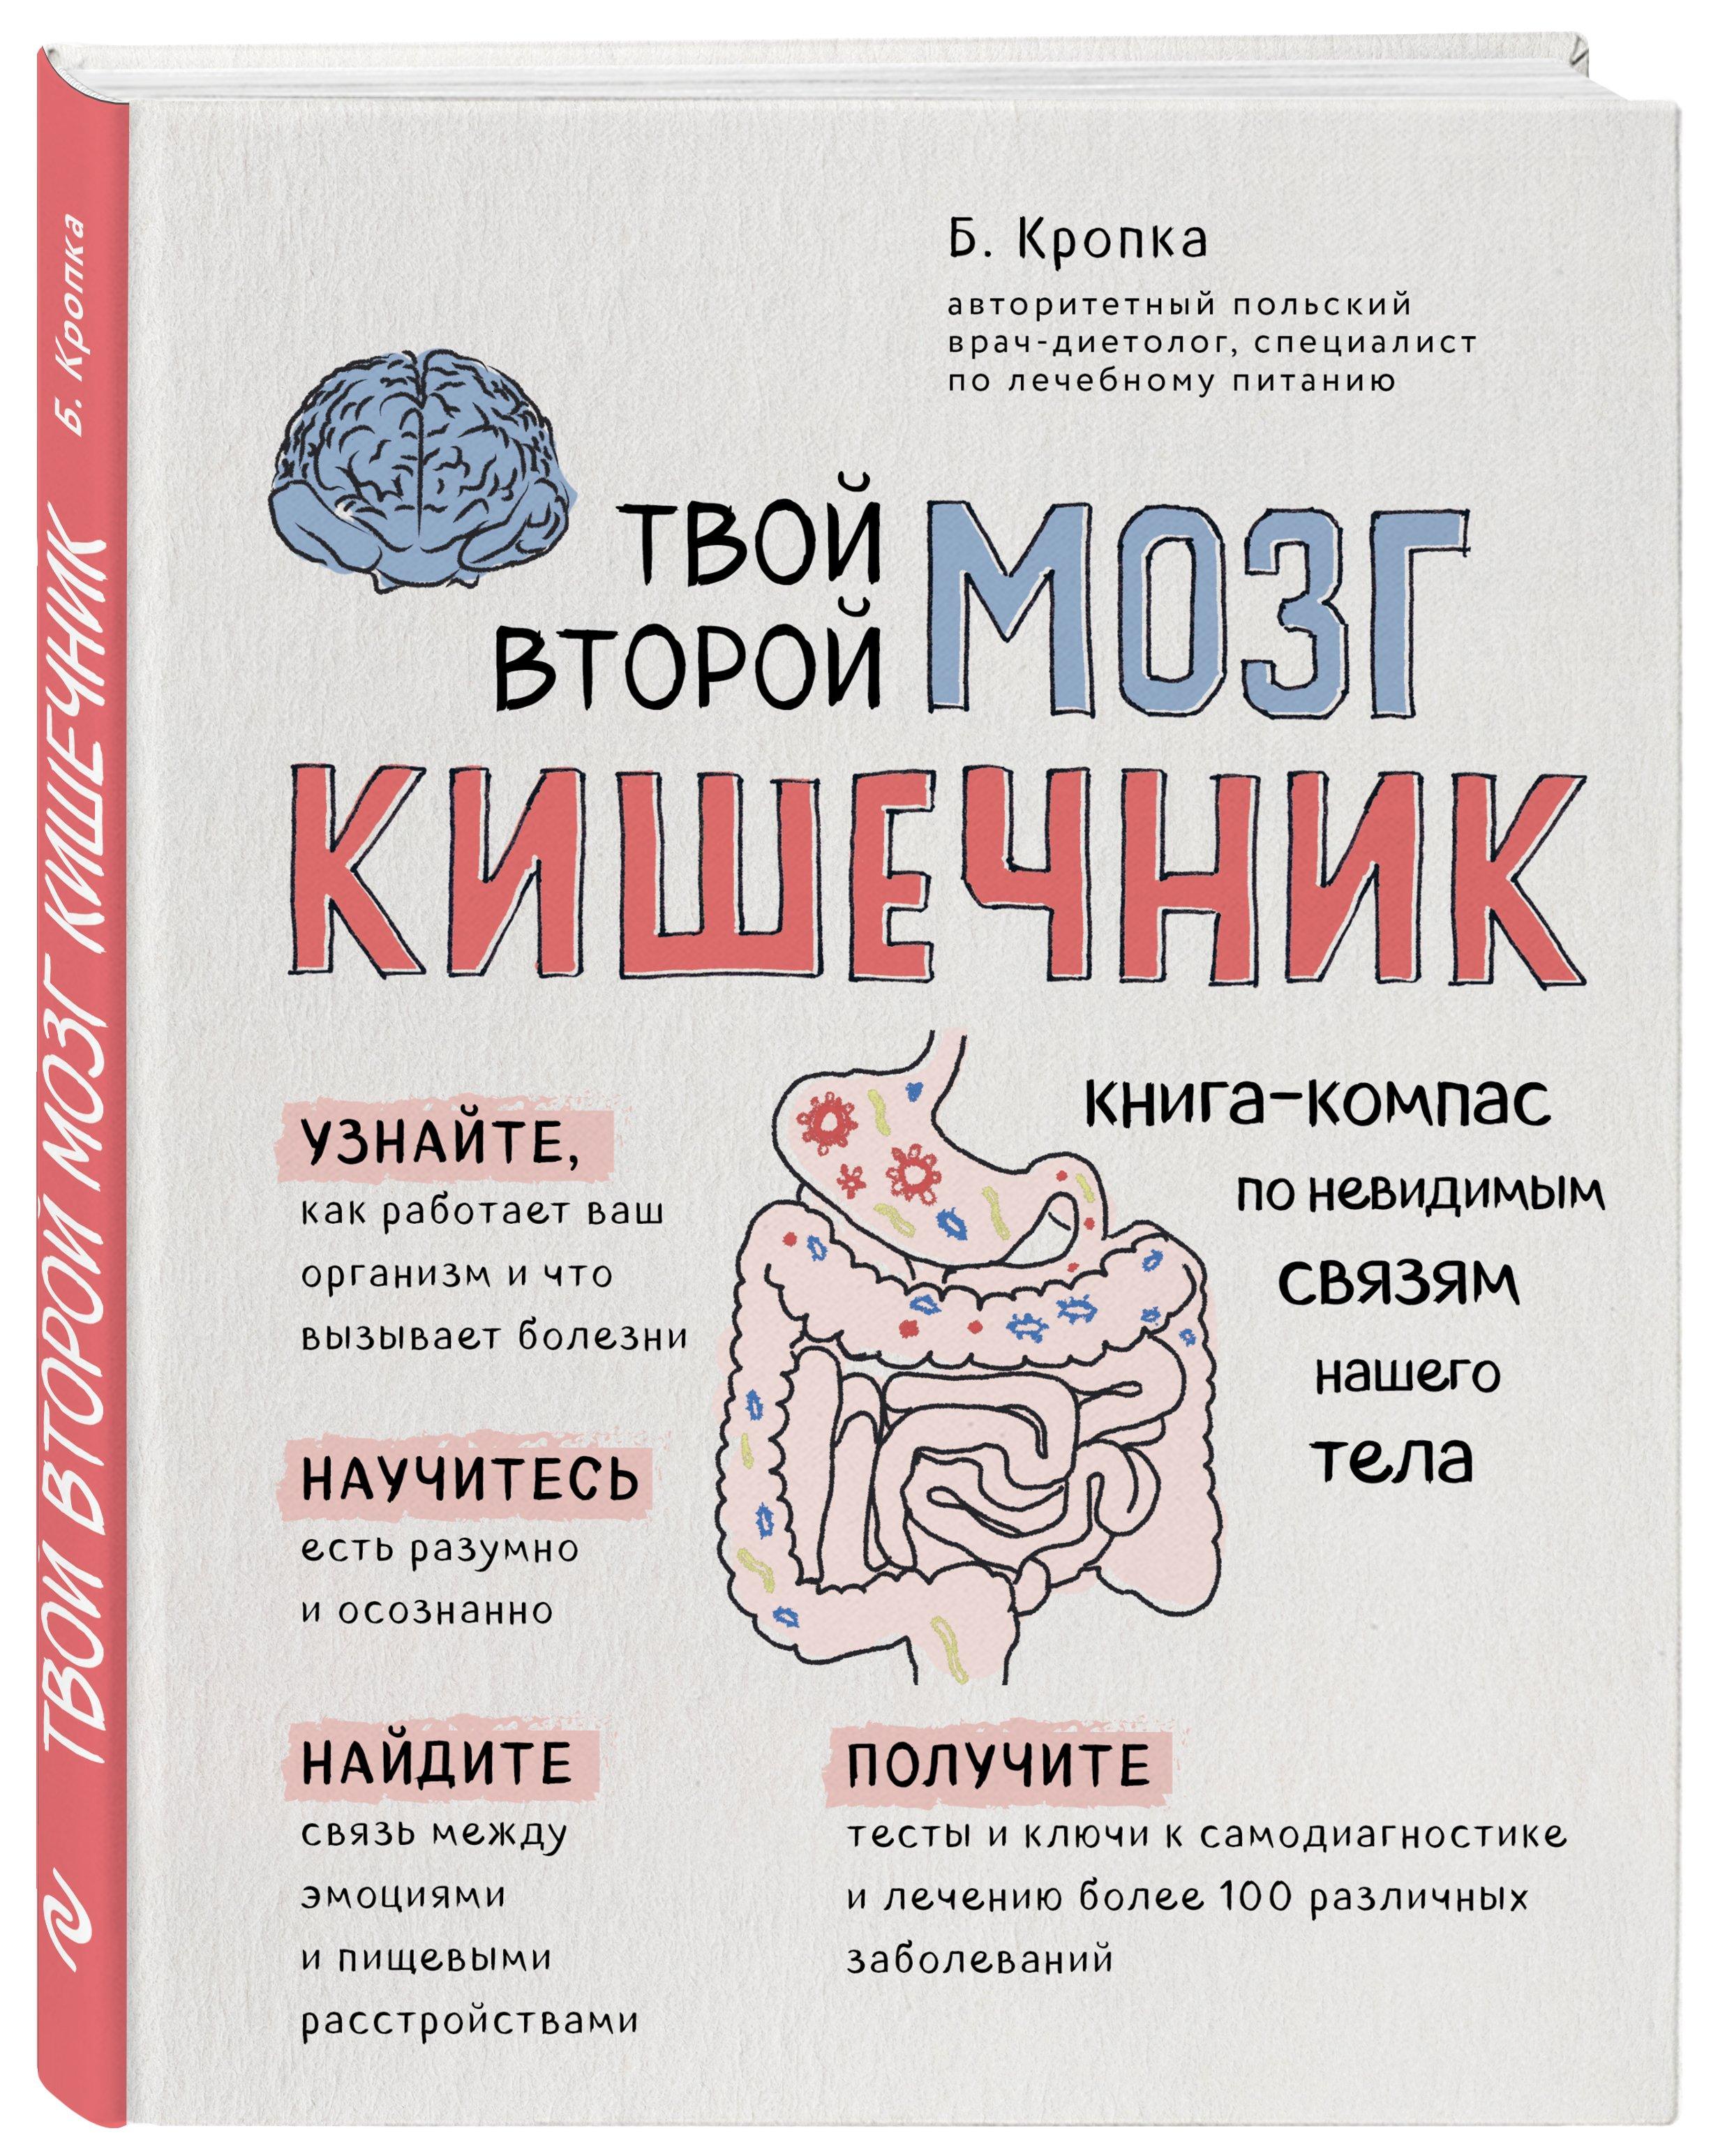 Кропка Божена Твой второй мозг - кишечник. Книга-компас по невидимым связям нашего тела